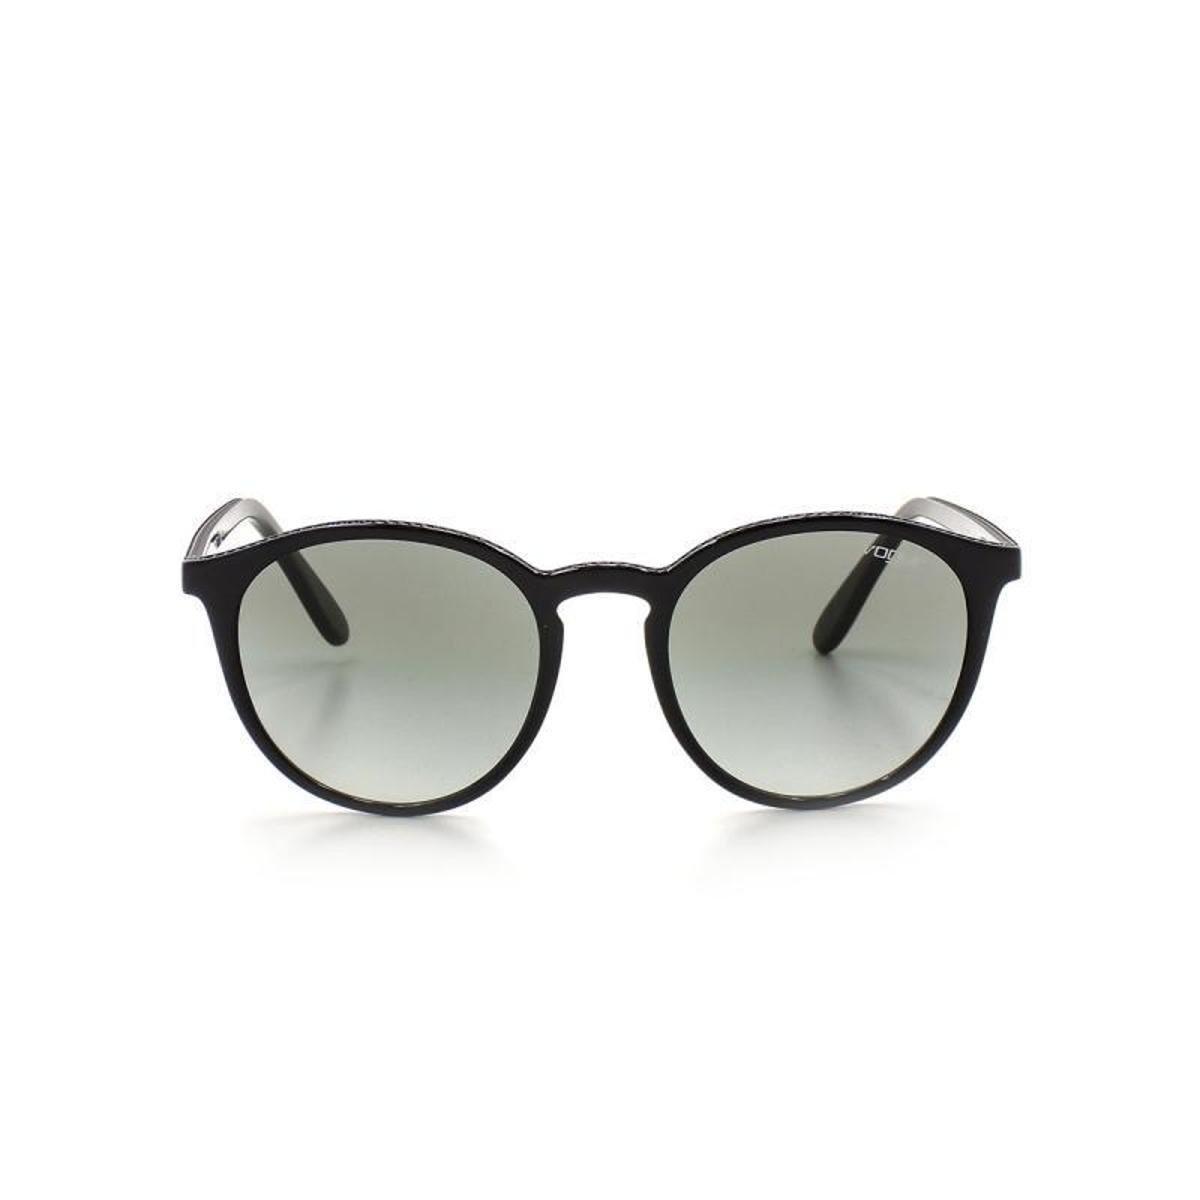 Óculos De Sol Vogue 5215-S T 51 C W44 11 Feminino - Preto - Compre ... 99597be1ef